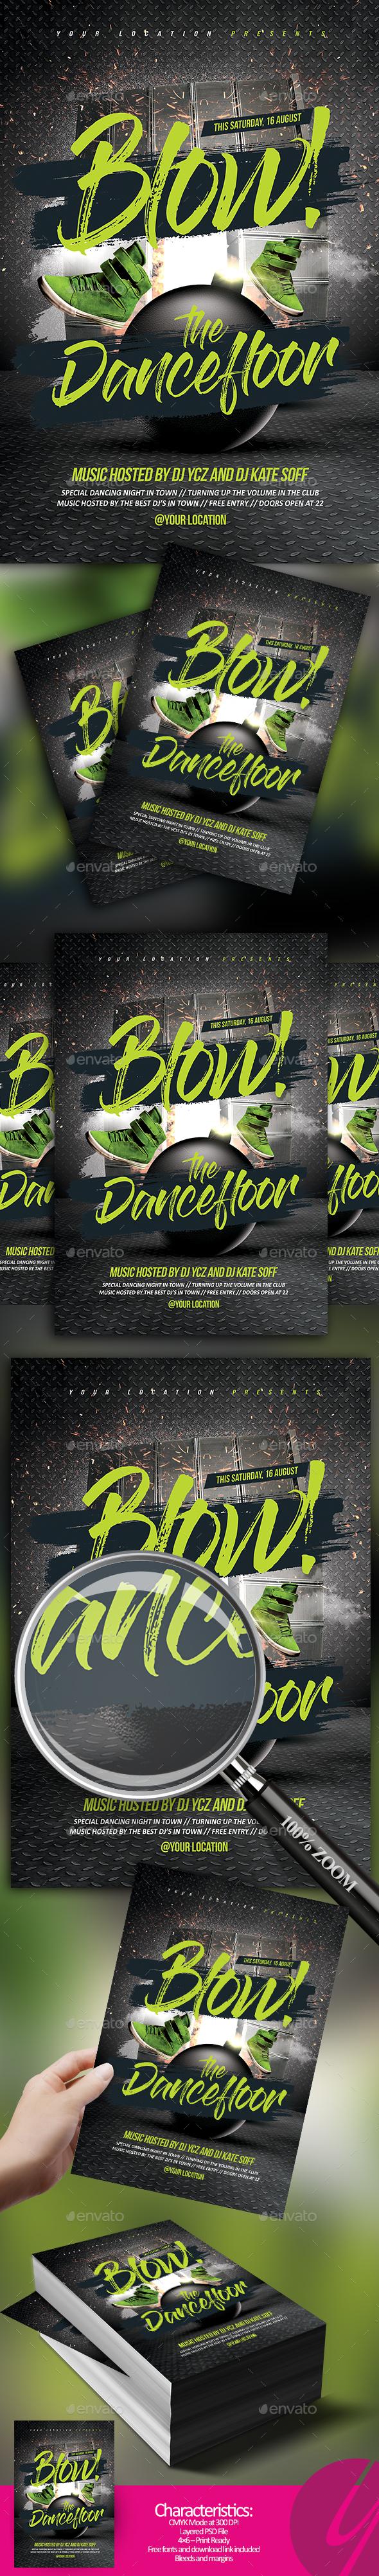 Blow the Dancefloor Flyer - Clubs & Parties Events